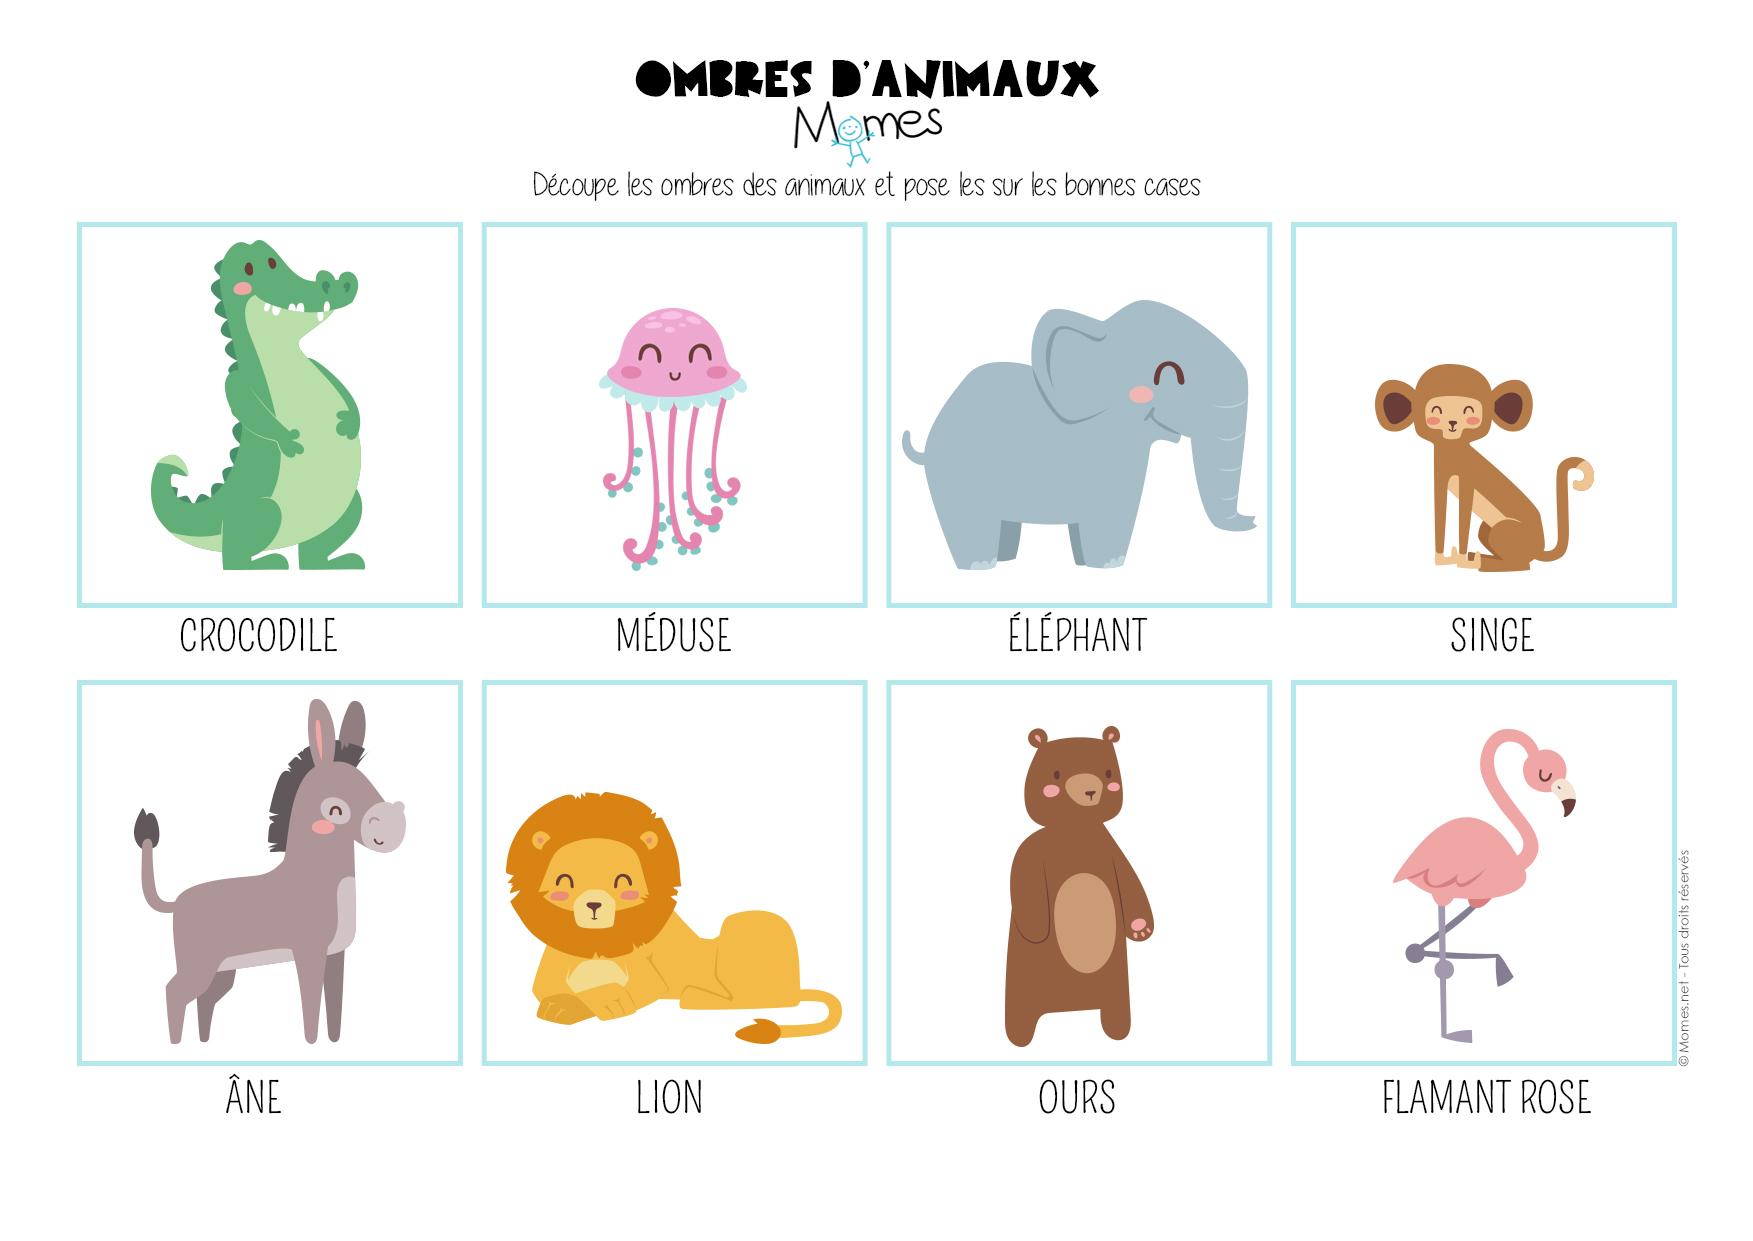 Le Jeu Des Ombres D'animaux - Momes avec Animaux De La Jungle Maternelle